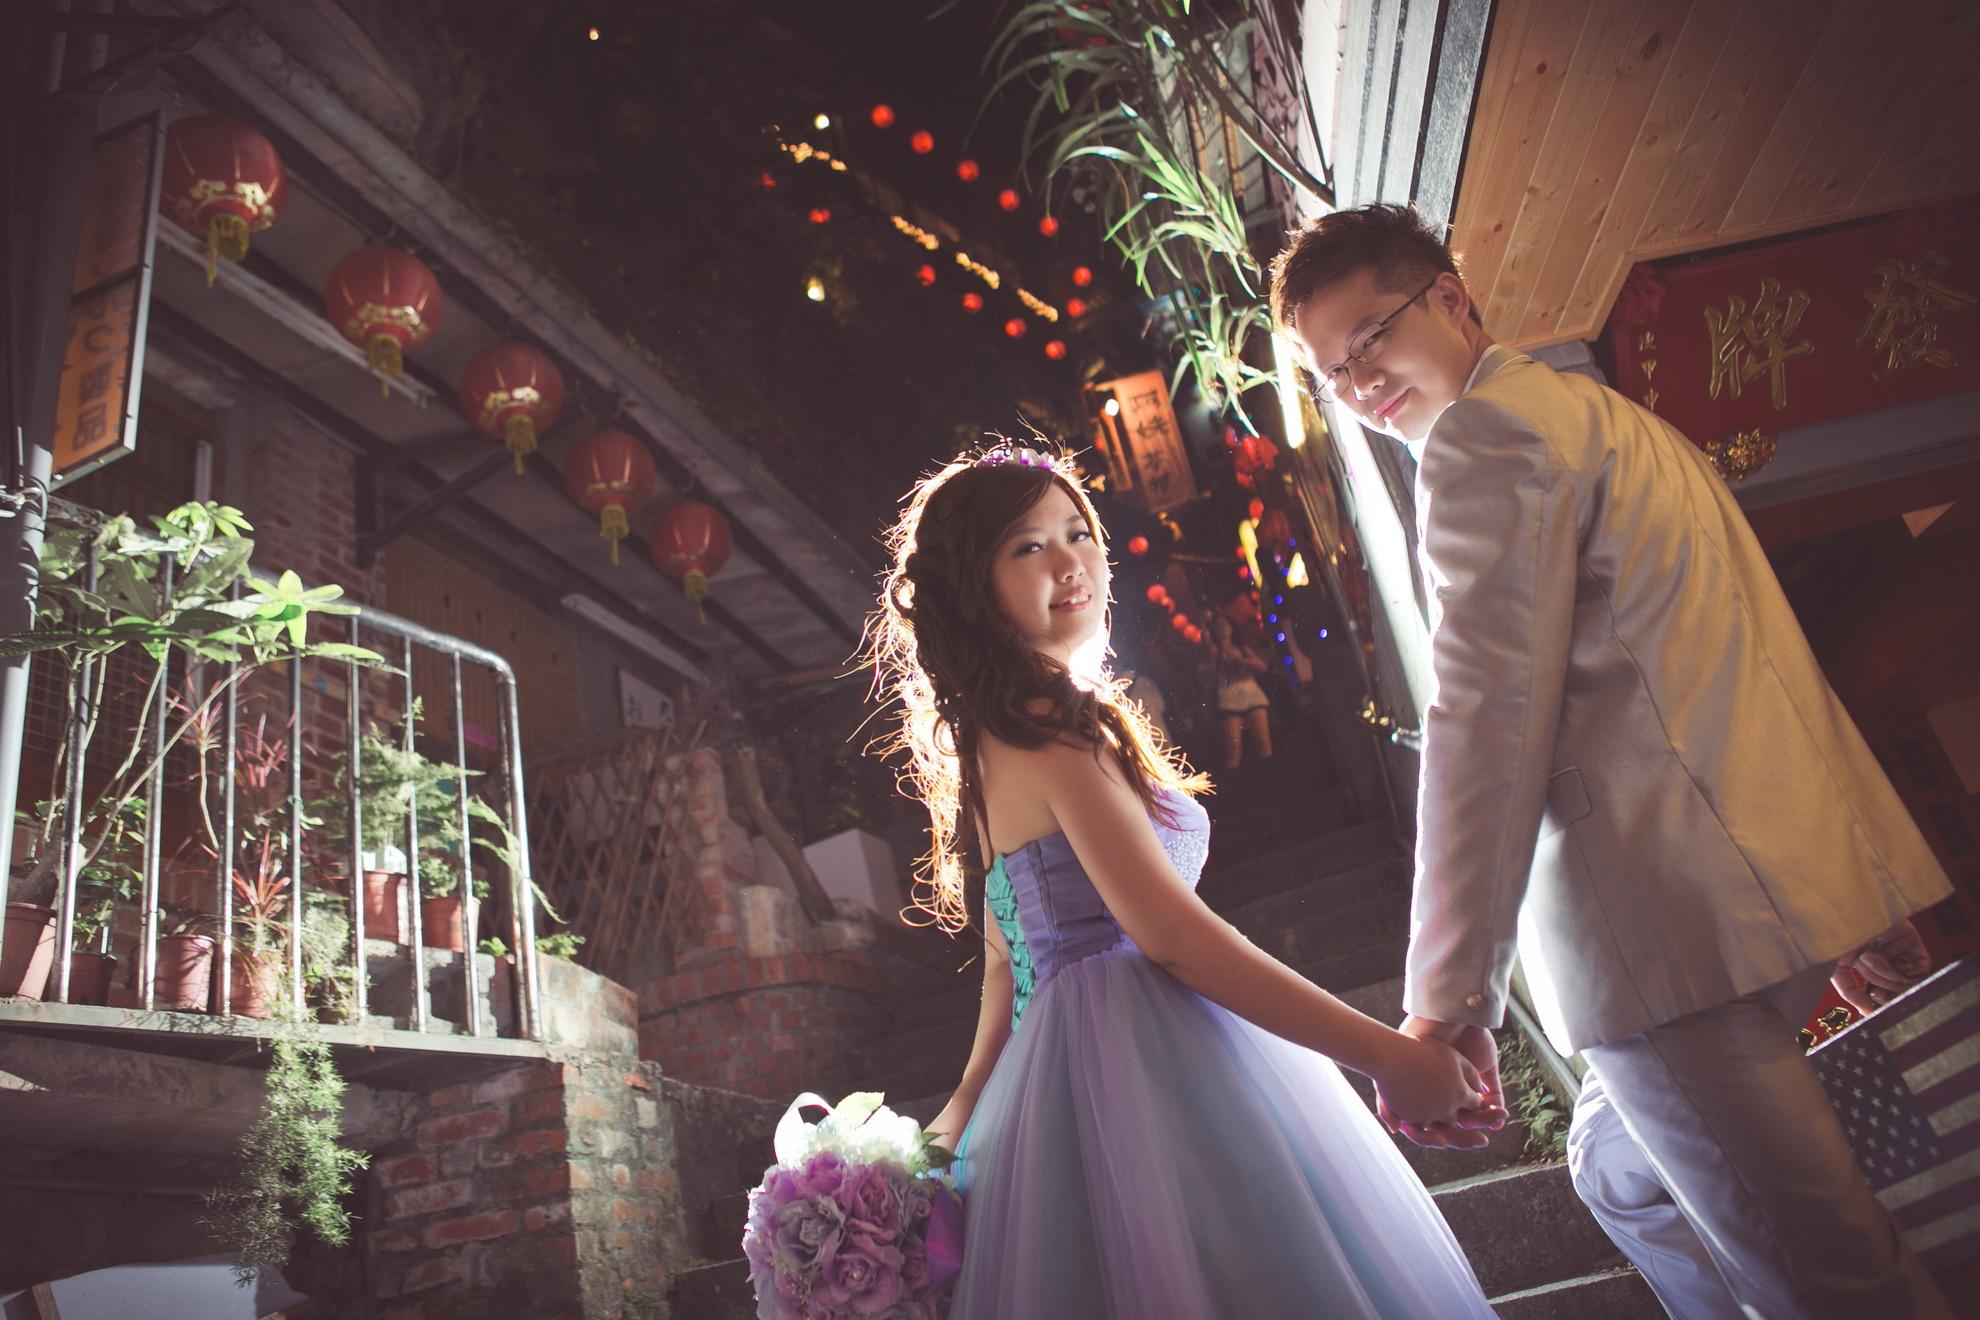 台灣婚紗攝影,婚紗工作室推薦,婚紗照